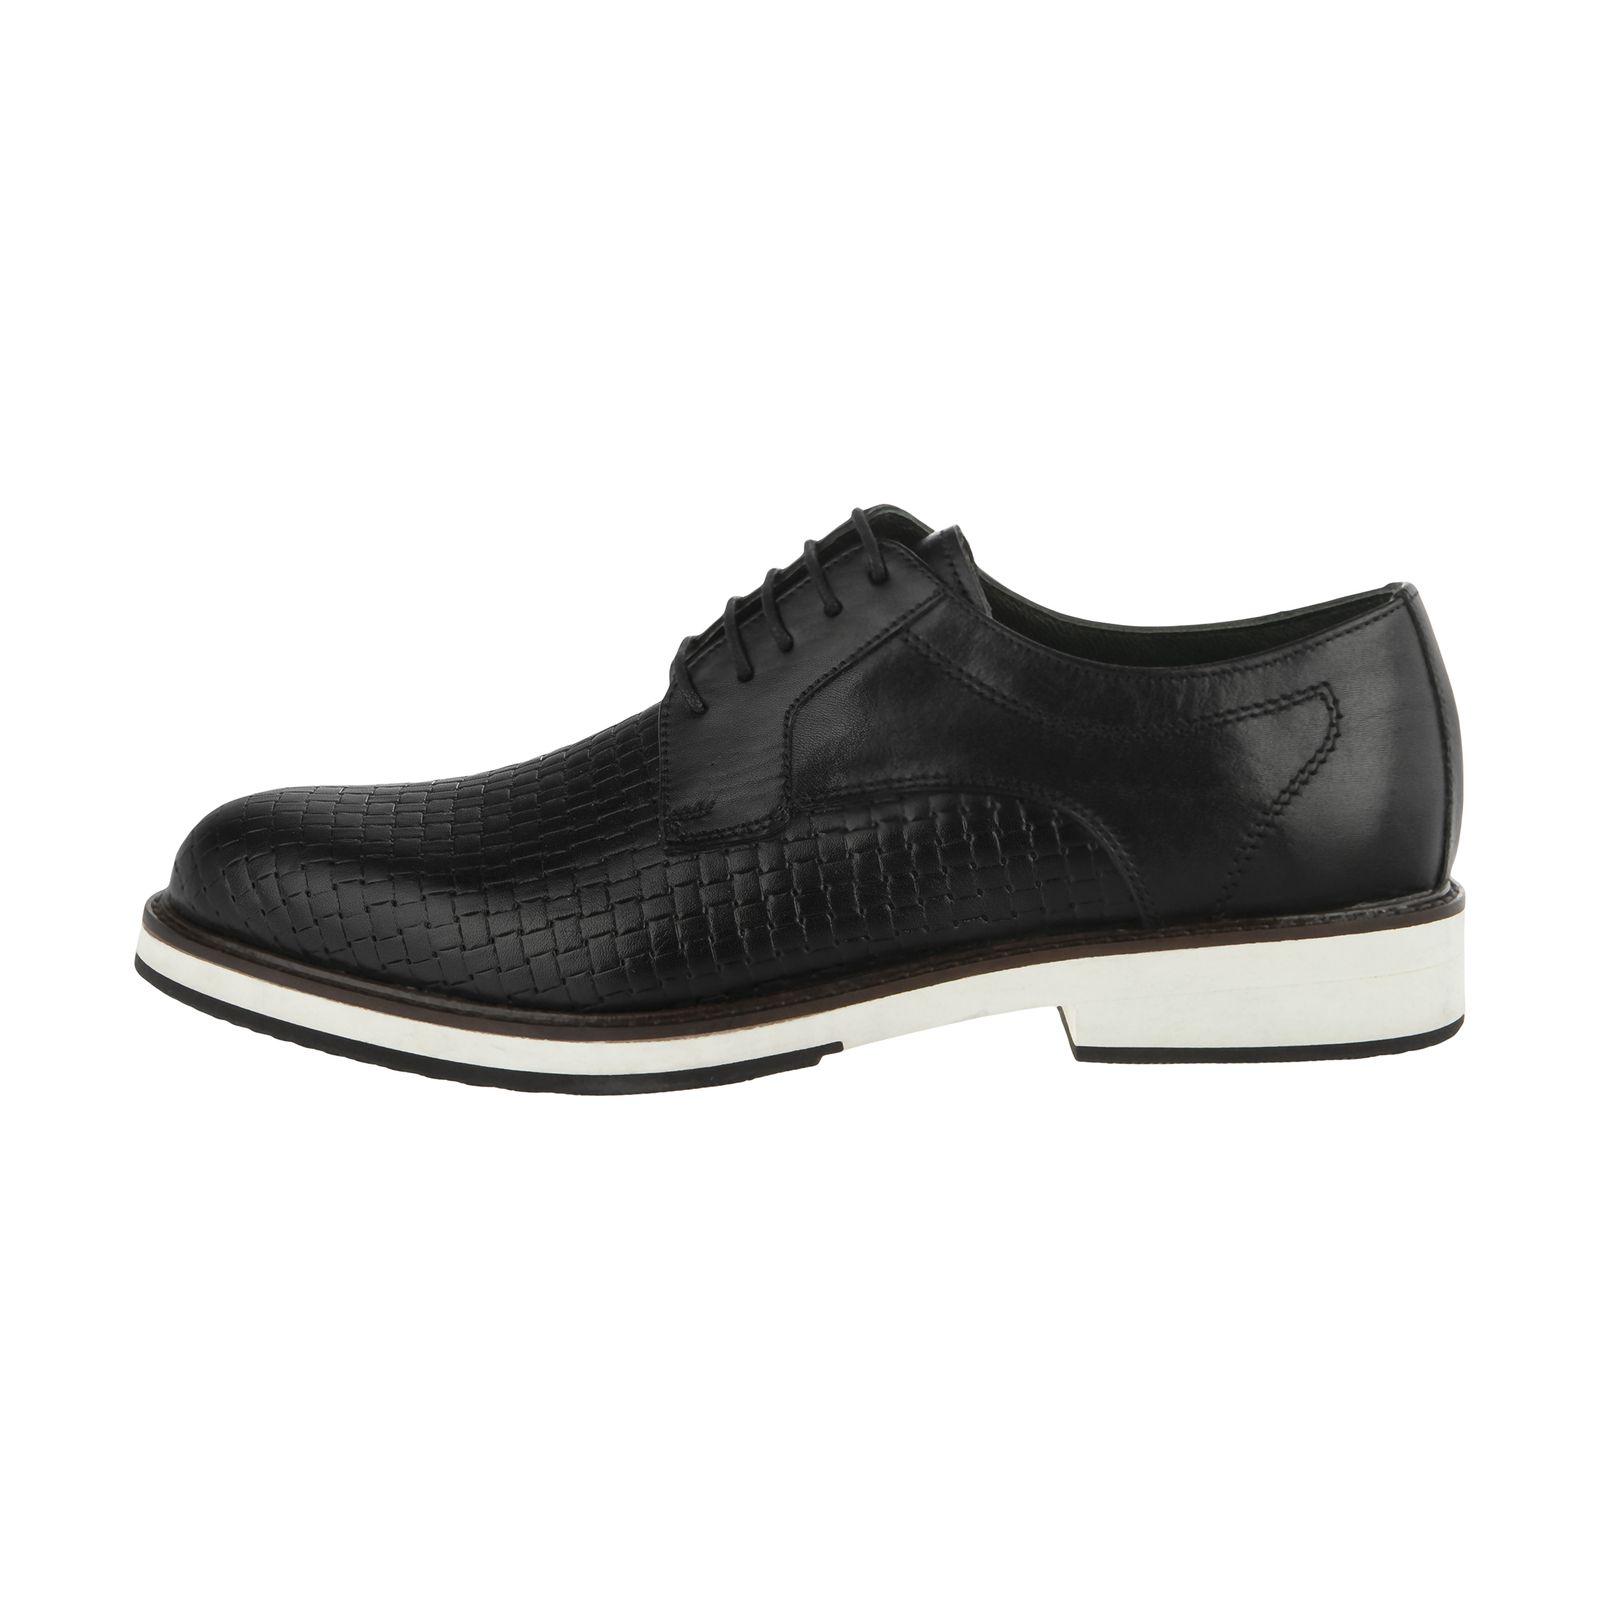 کفش مردانه سوته مدل 4942A503101 -  - 2